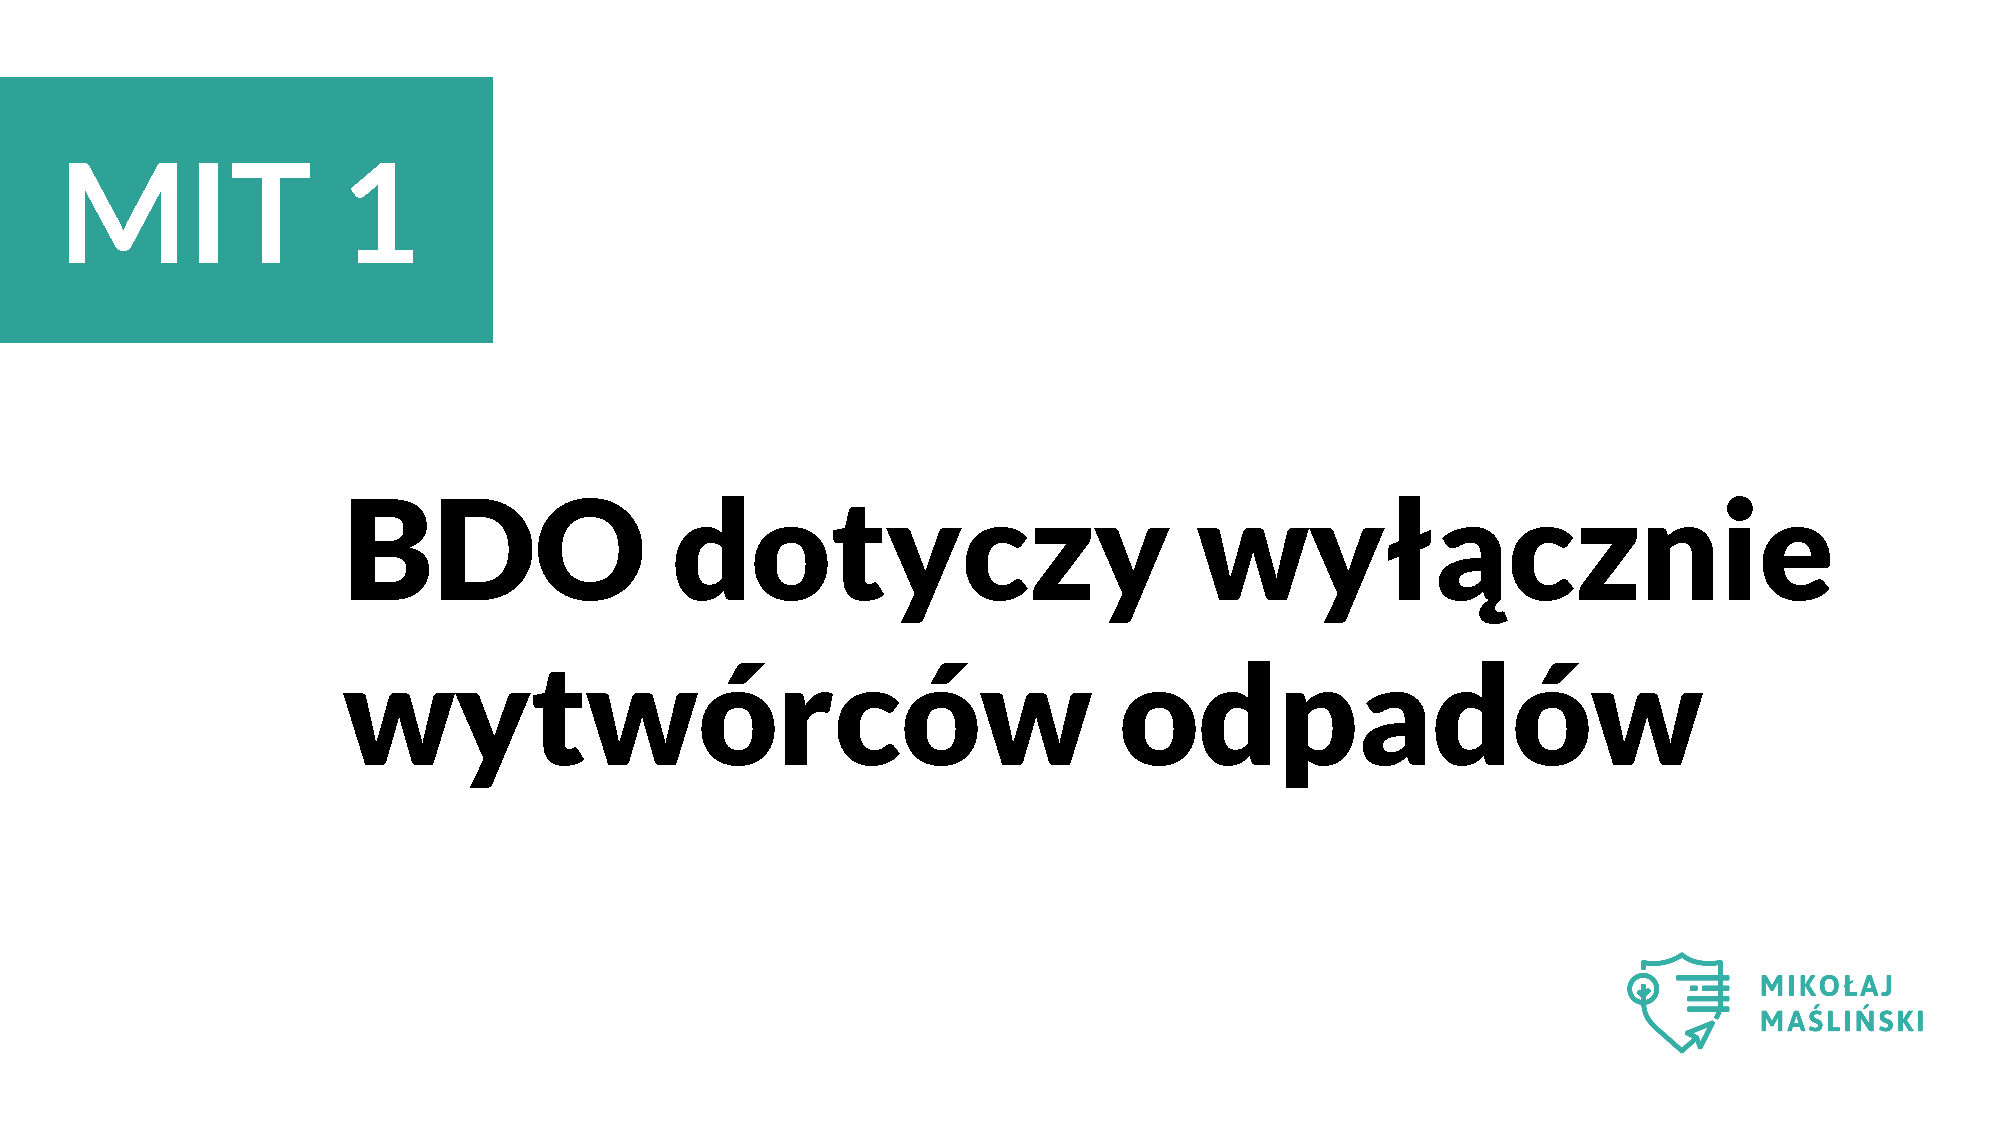 BDO Mikołaj Maśliński odpady